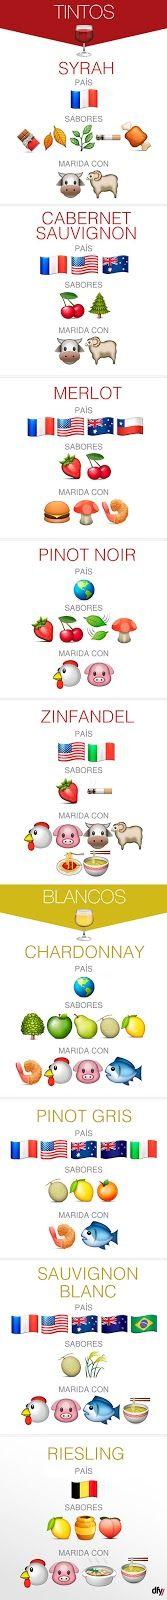 Si elegir un vino se te complica, estos emojis pueden ayudarte